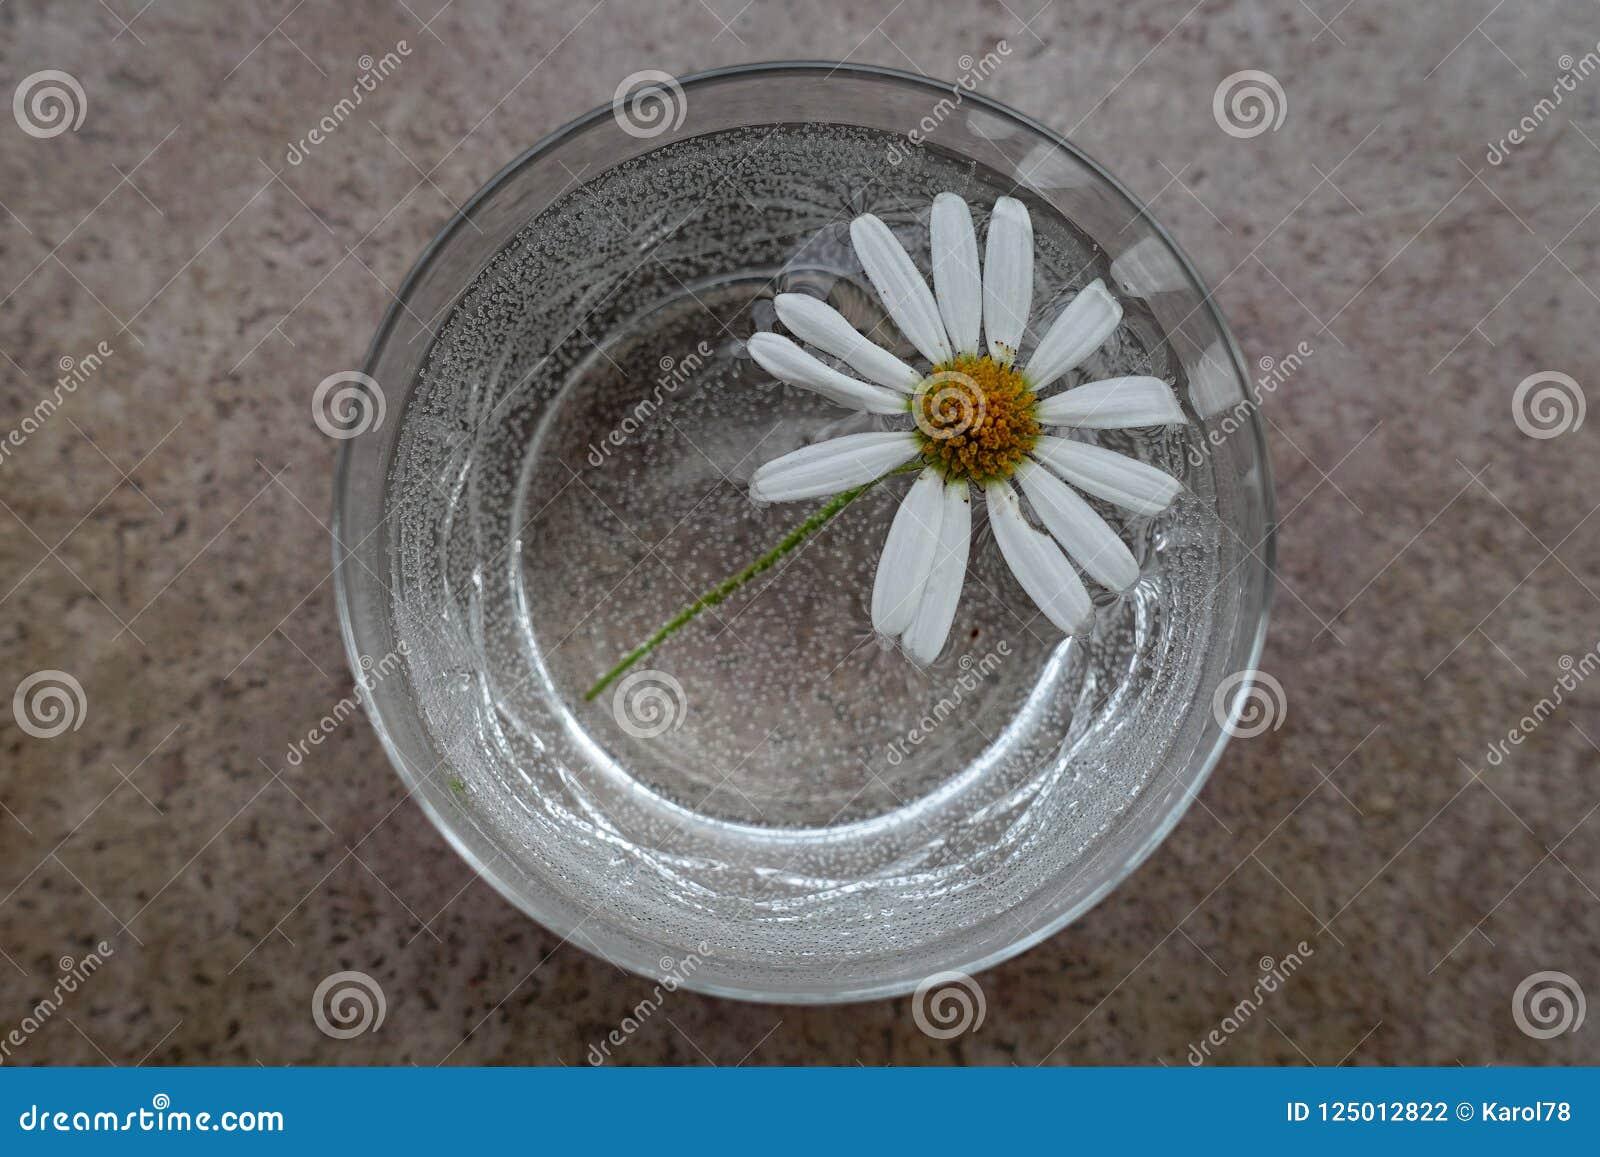 Цветок маргаритки маргаритки с белыми лепестками в граненом стекле